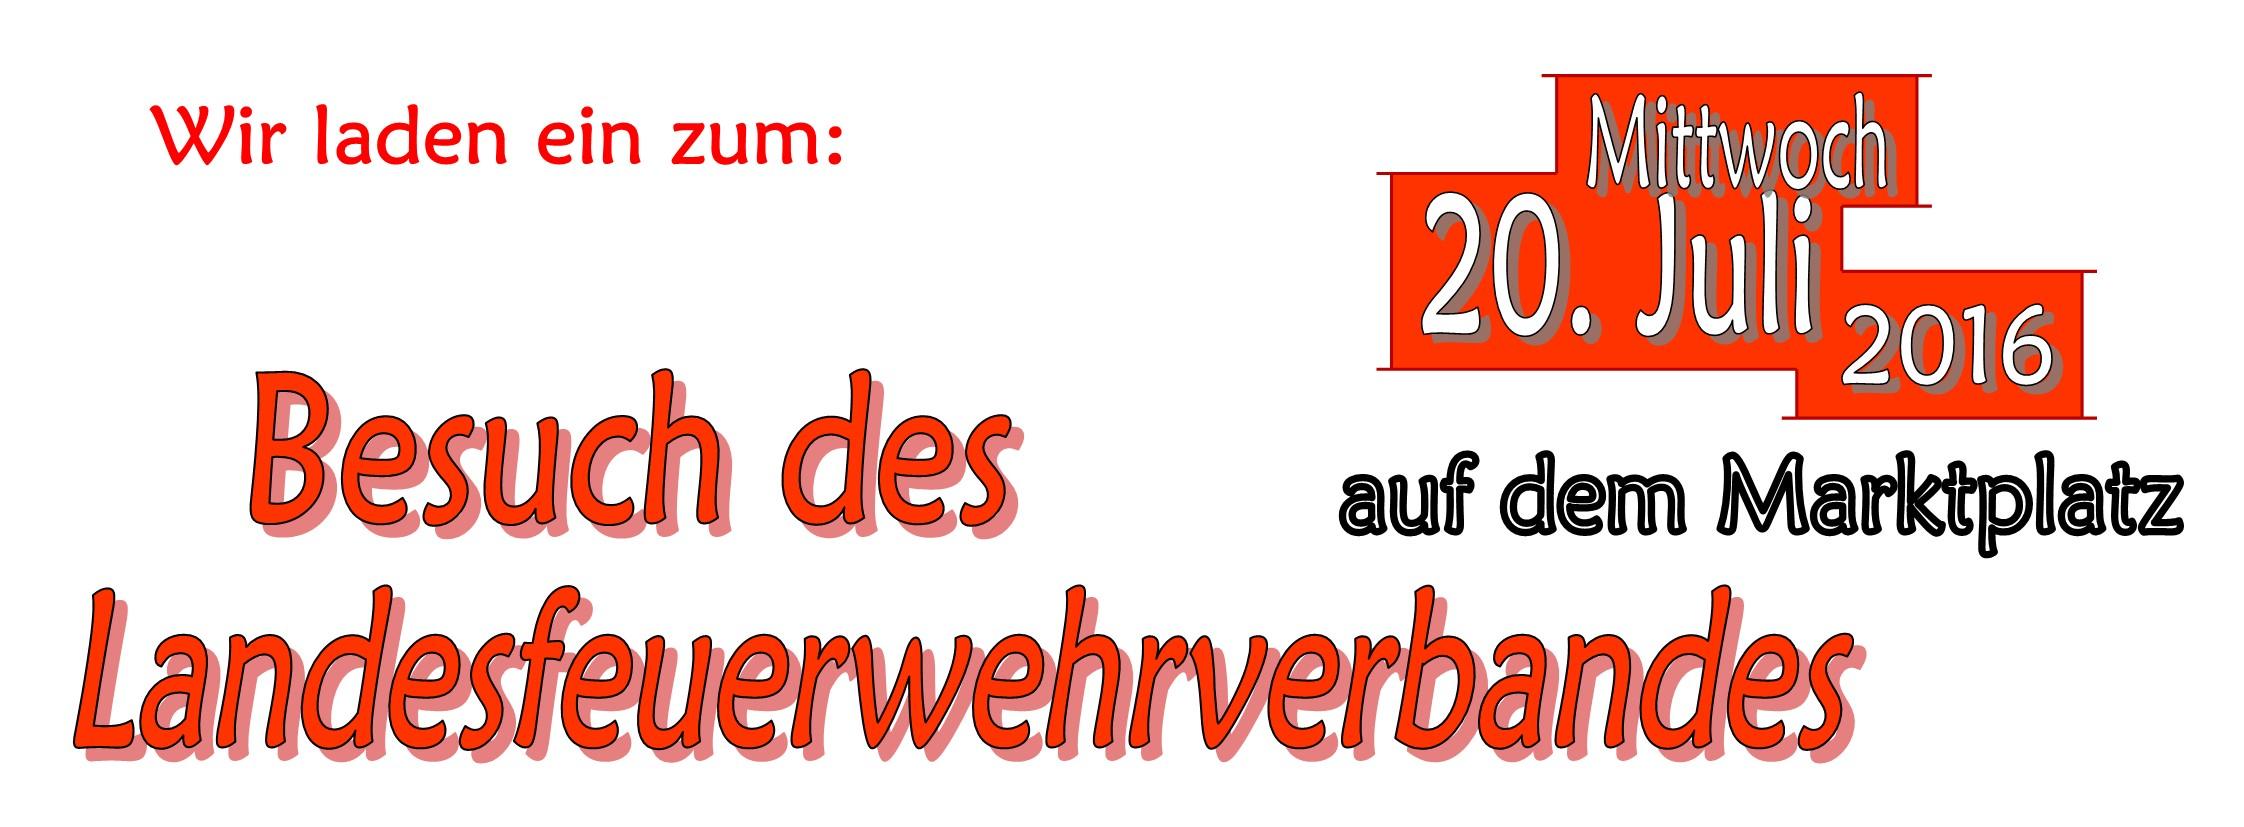 FF Waldmohr Startseite